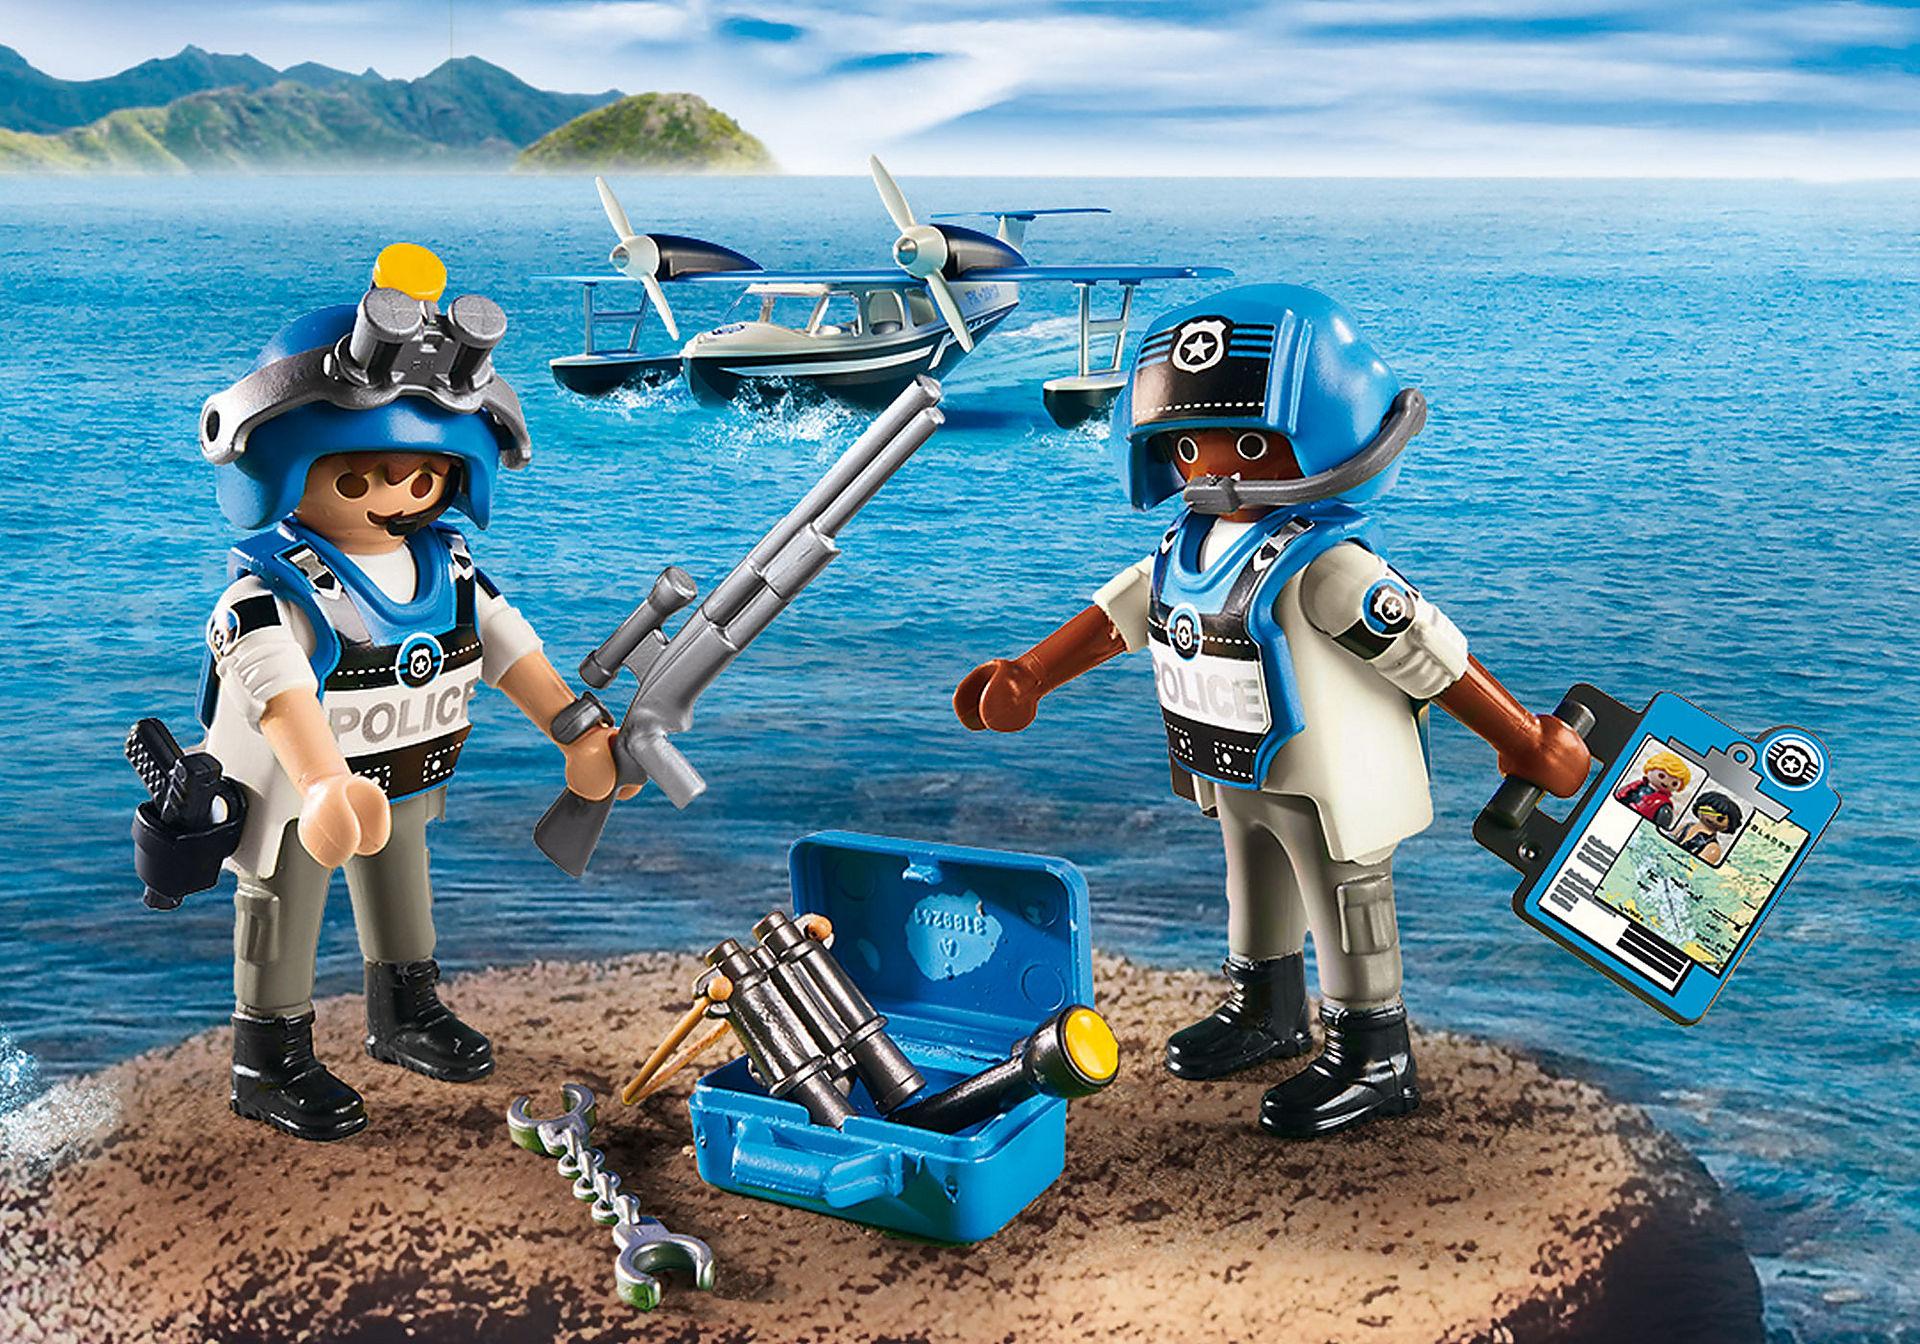 http://media.playmobil.com/i/playmobil/9436_product_extra1/Policyjny samolot wodny